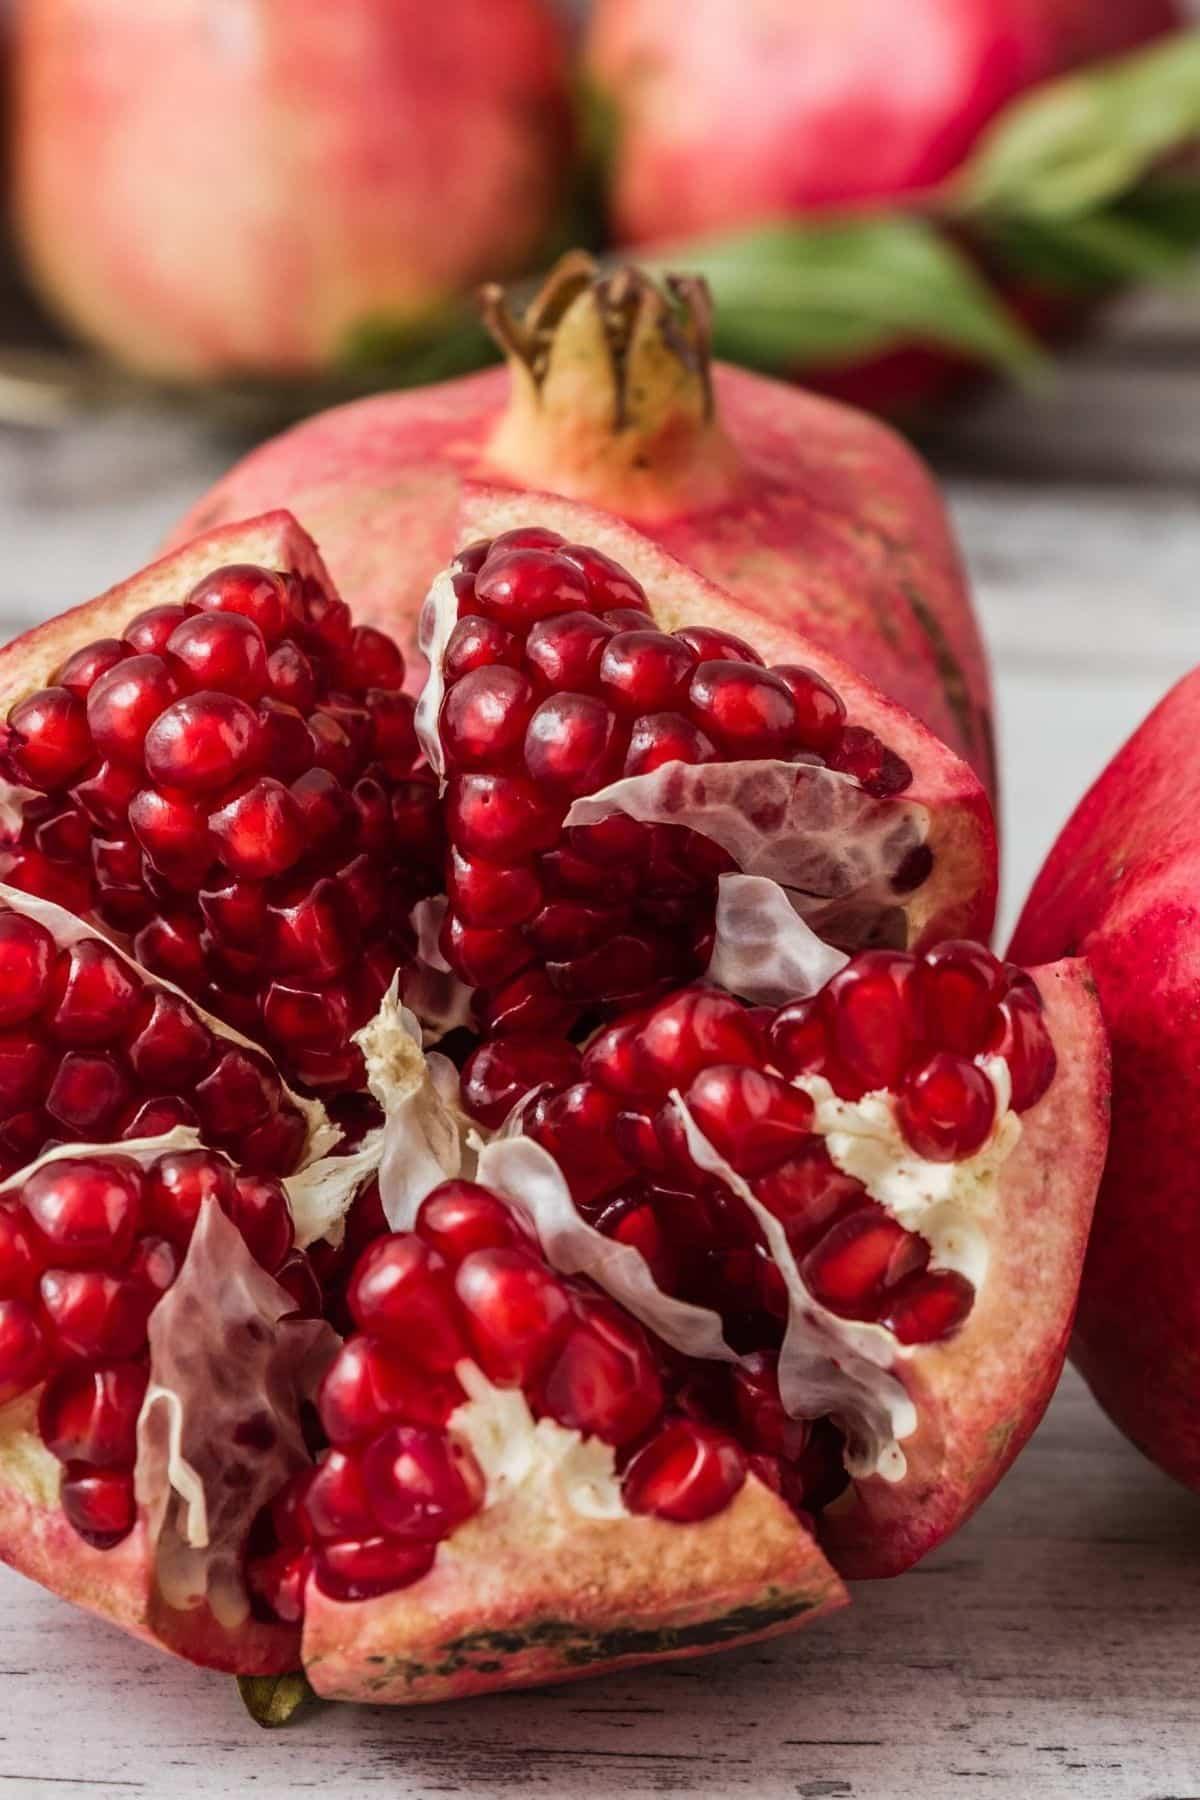 fresh pomegranate ready to be eaten